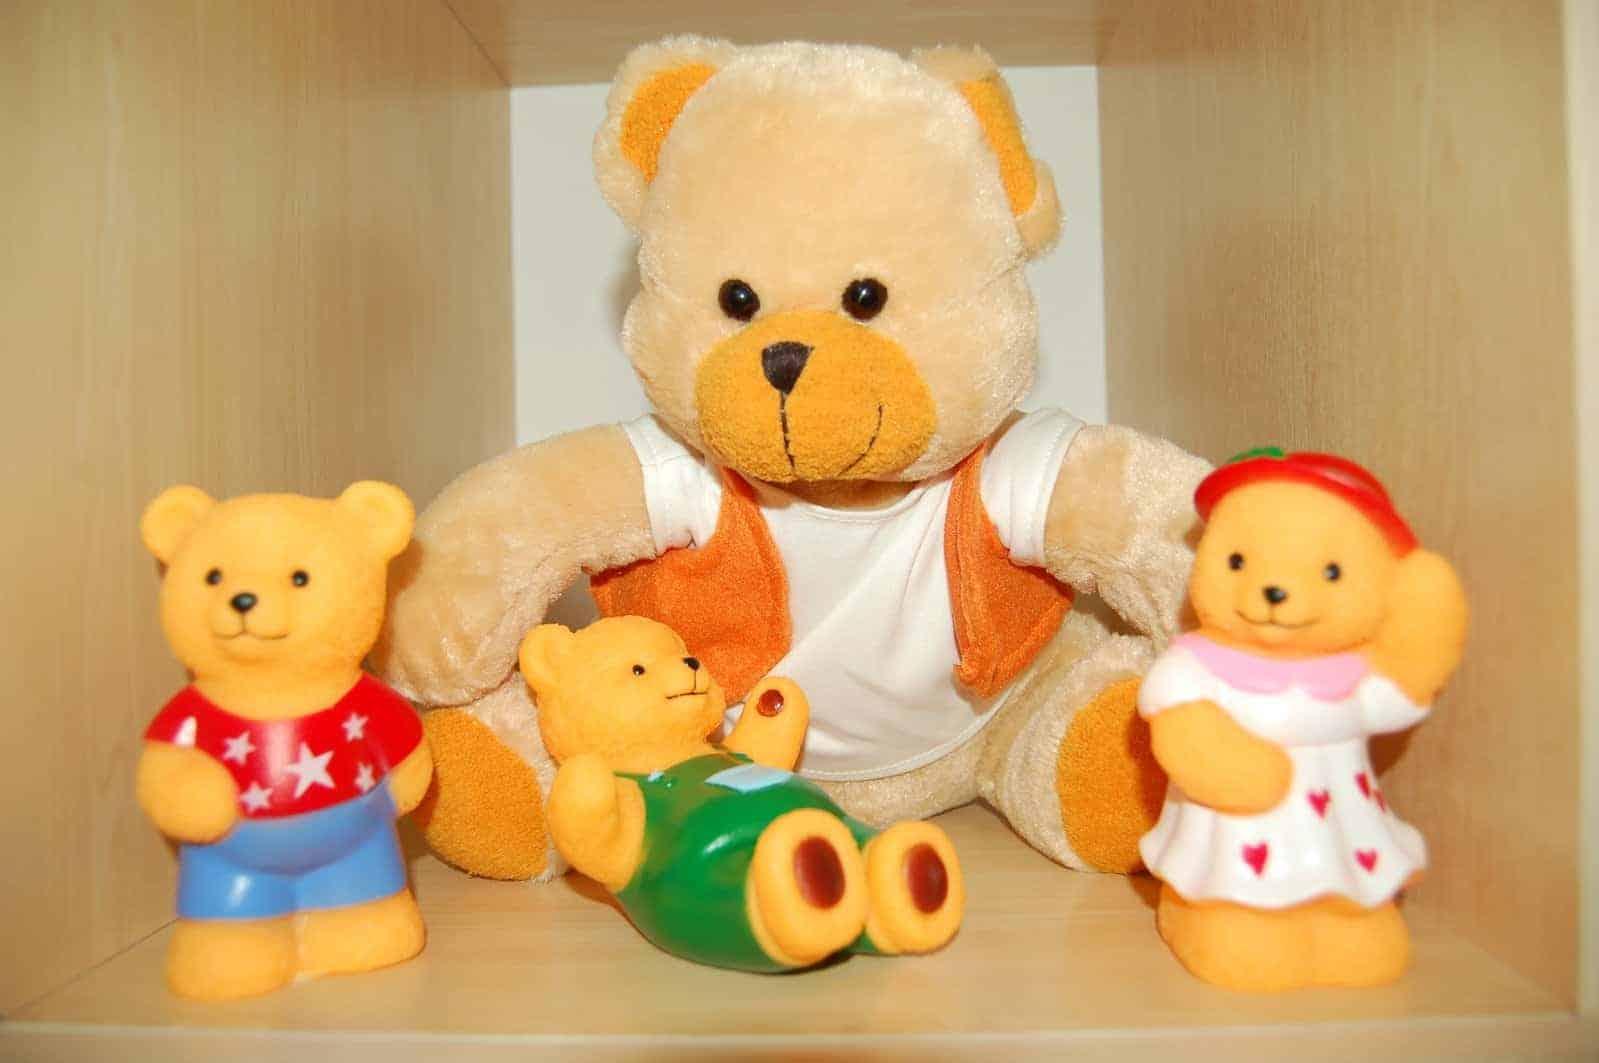 Những bài văn miêu tả những chú gấu bông đáng yêu nhất